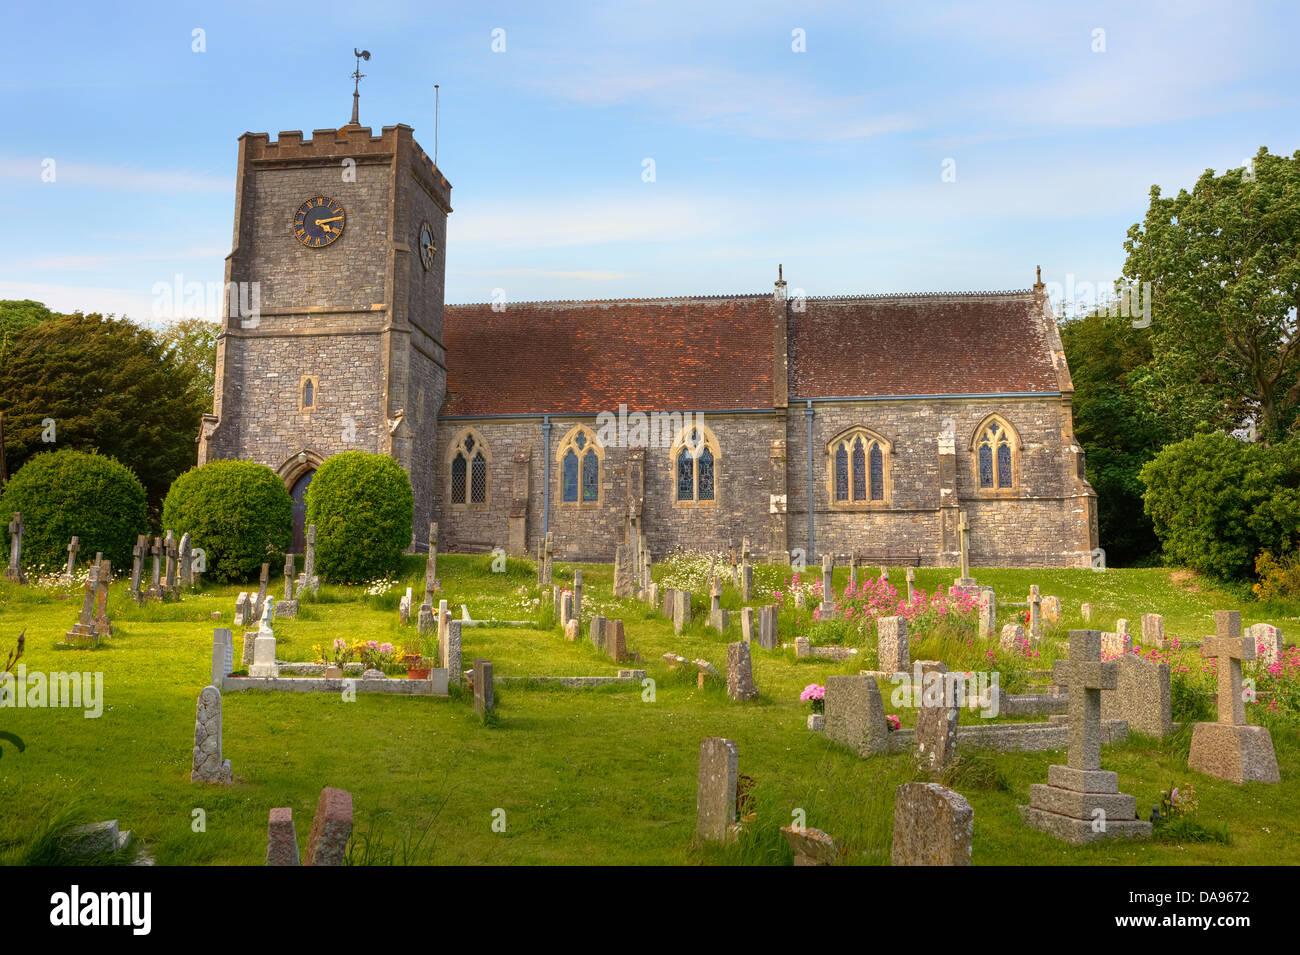 Parish church Holy Trinity, West Lulworth, Dorset, United Kingdom - Stock Image